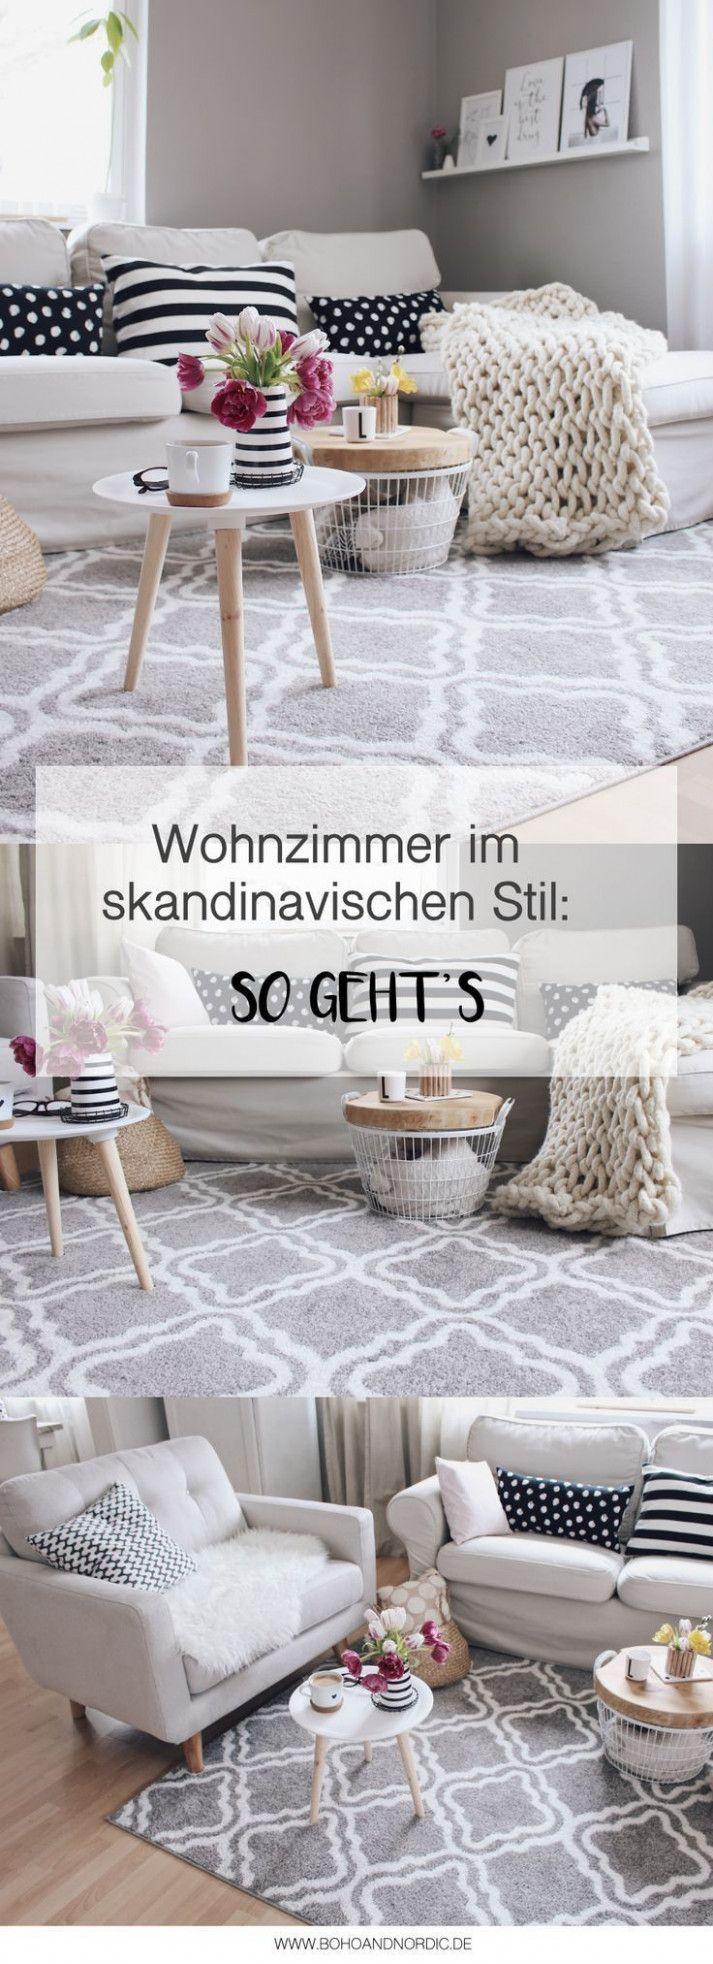 10 Wohnzimmer Deko Otto